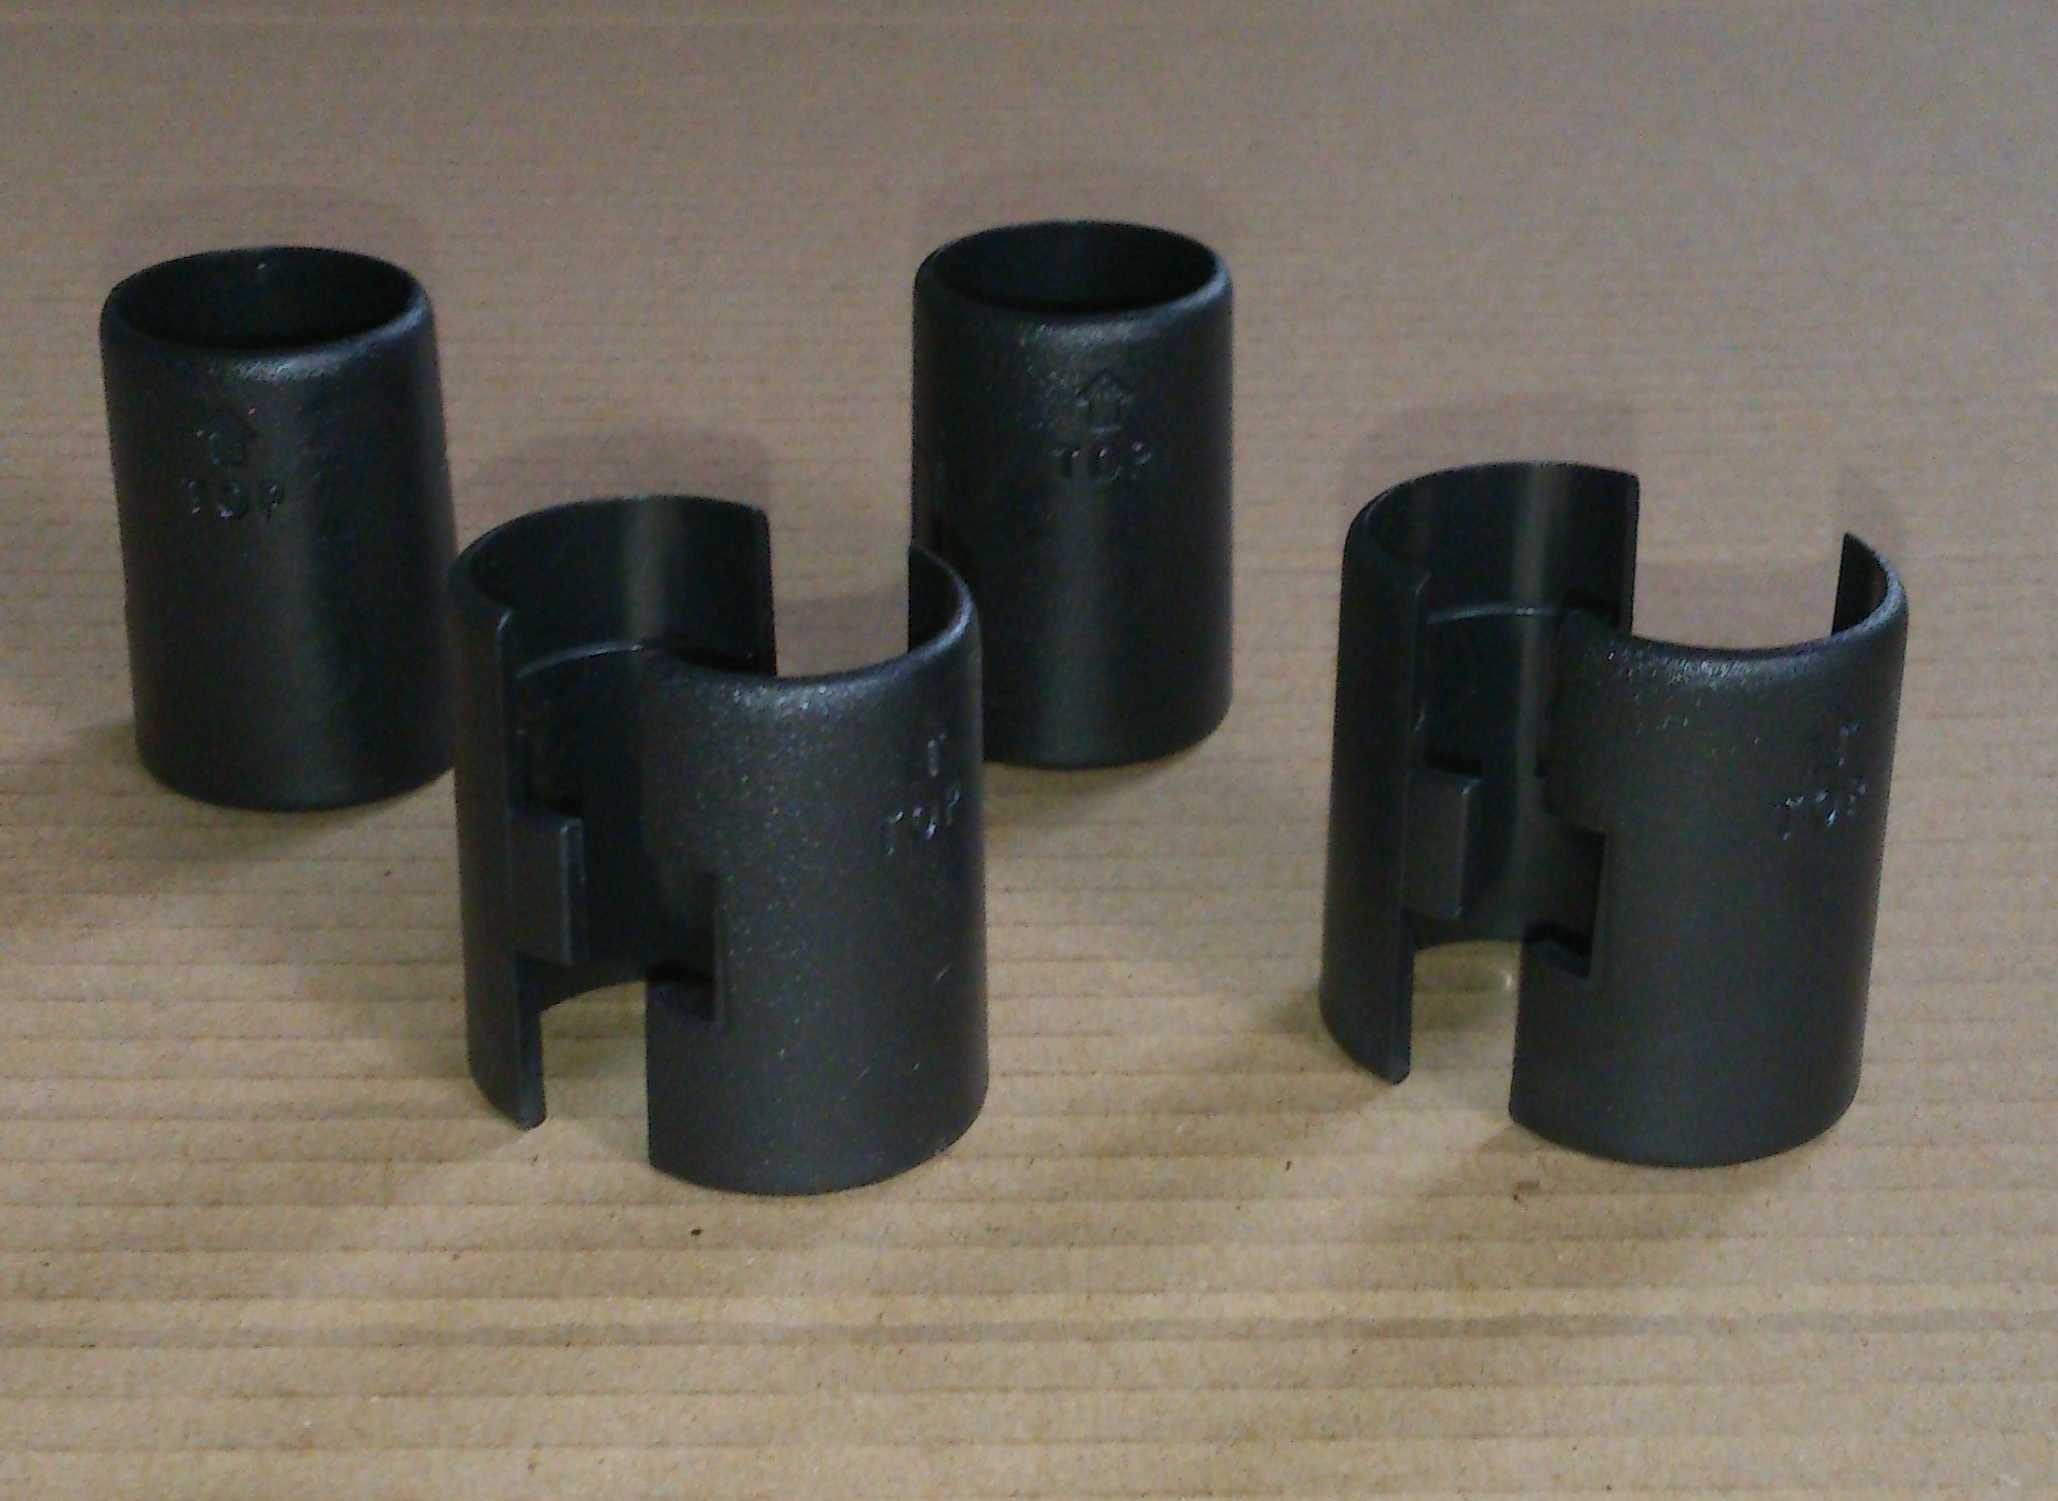 「1 塑膠夾片」 可用於 置物架、組合架、波浪架、鐵力士、衣櫥、衣架、茶几、合室桌、展示架